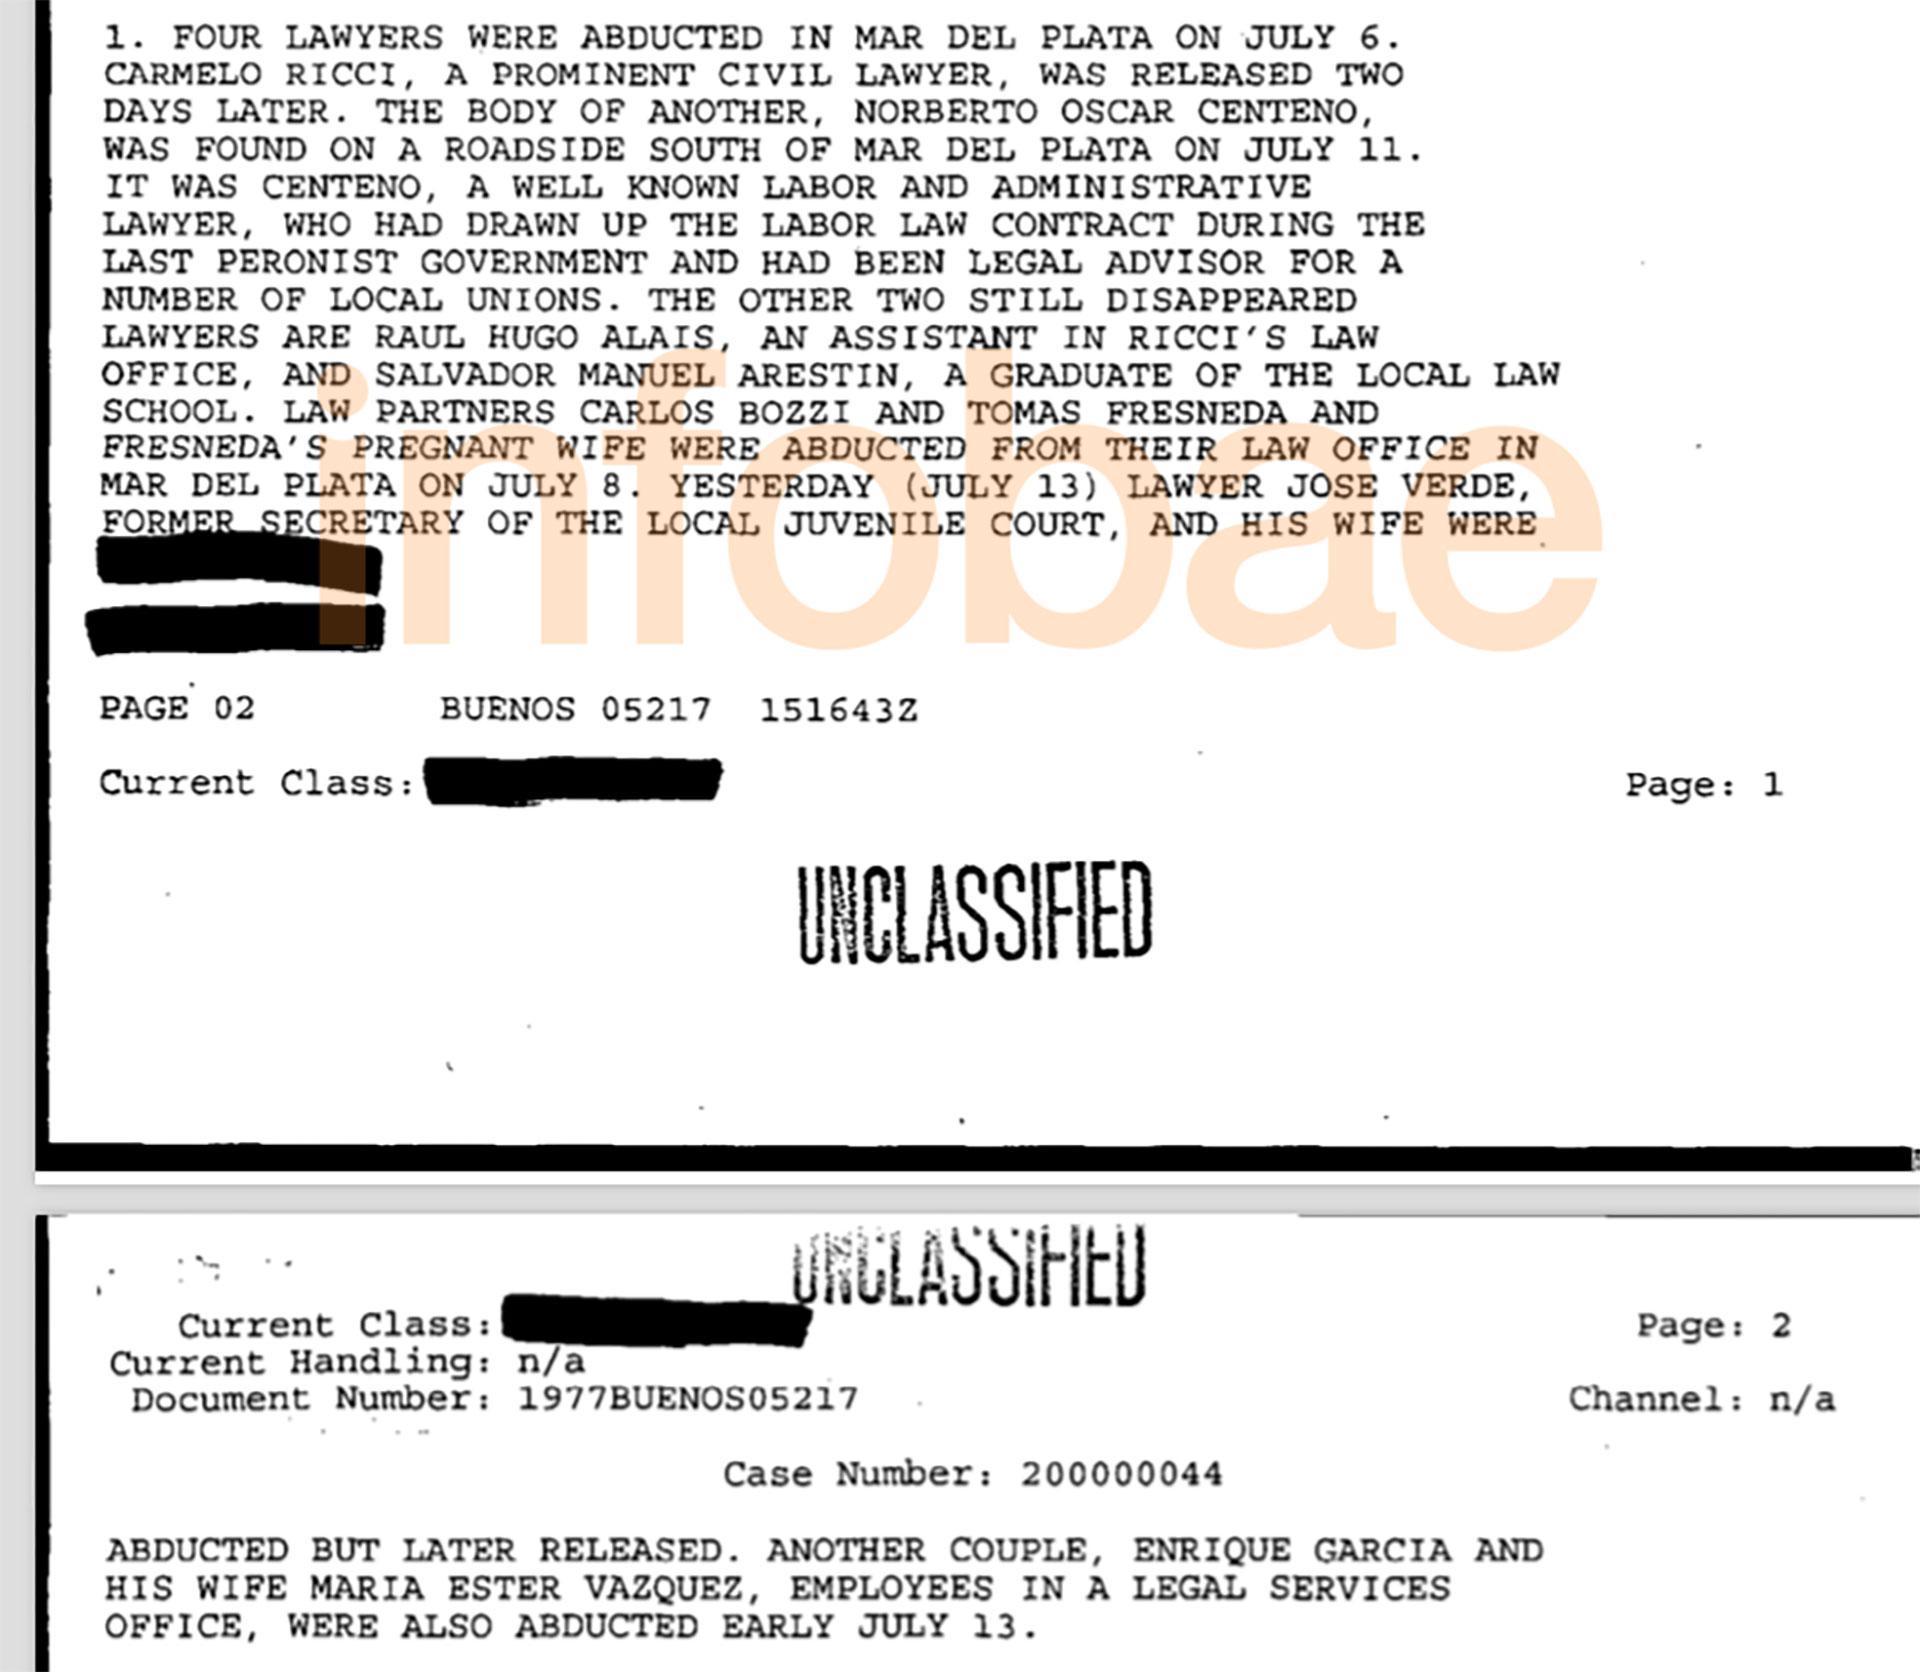 Continuación del primer documento desclasificado por la FOIA sobre el secuestro de los abogados